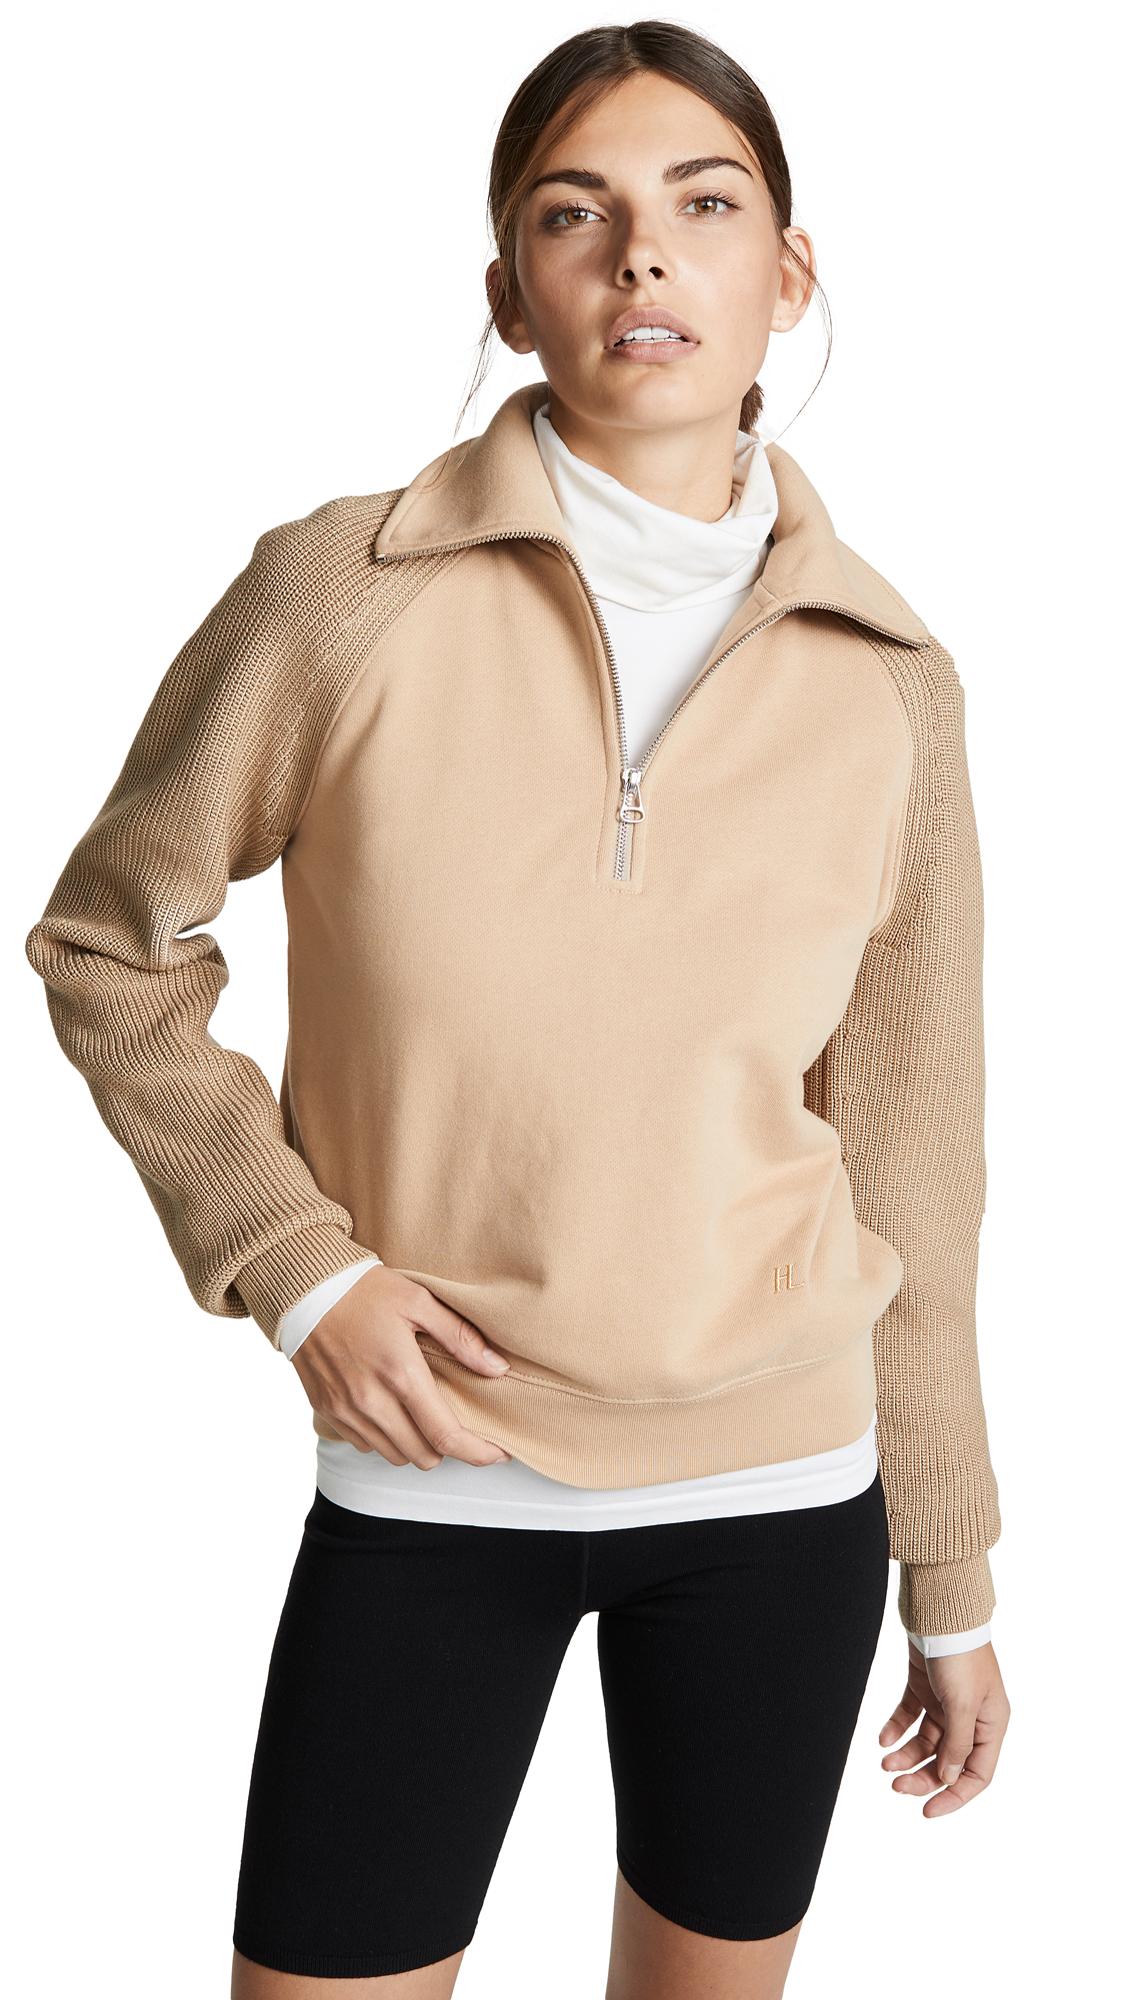 Helmut Lang Sweater Combo Zip Sweatshirt - Camel